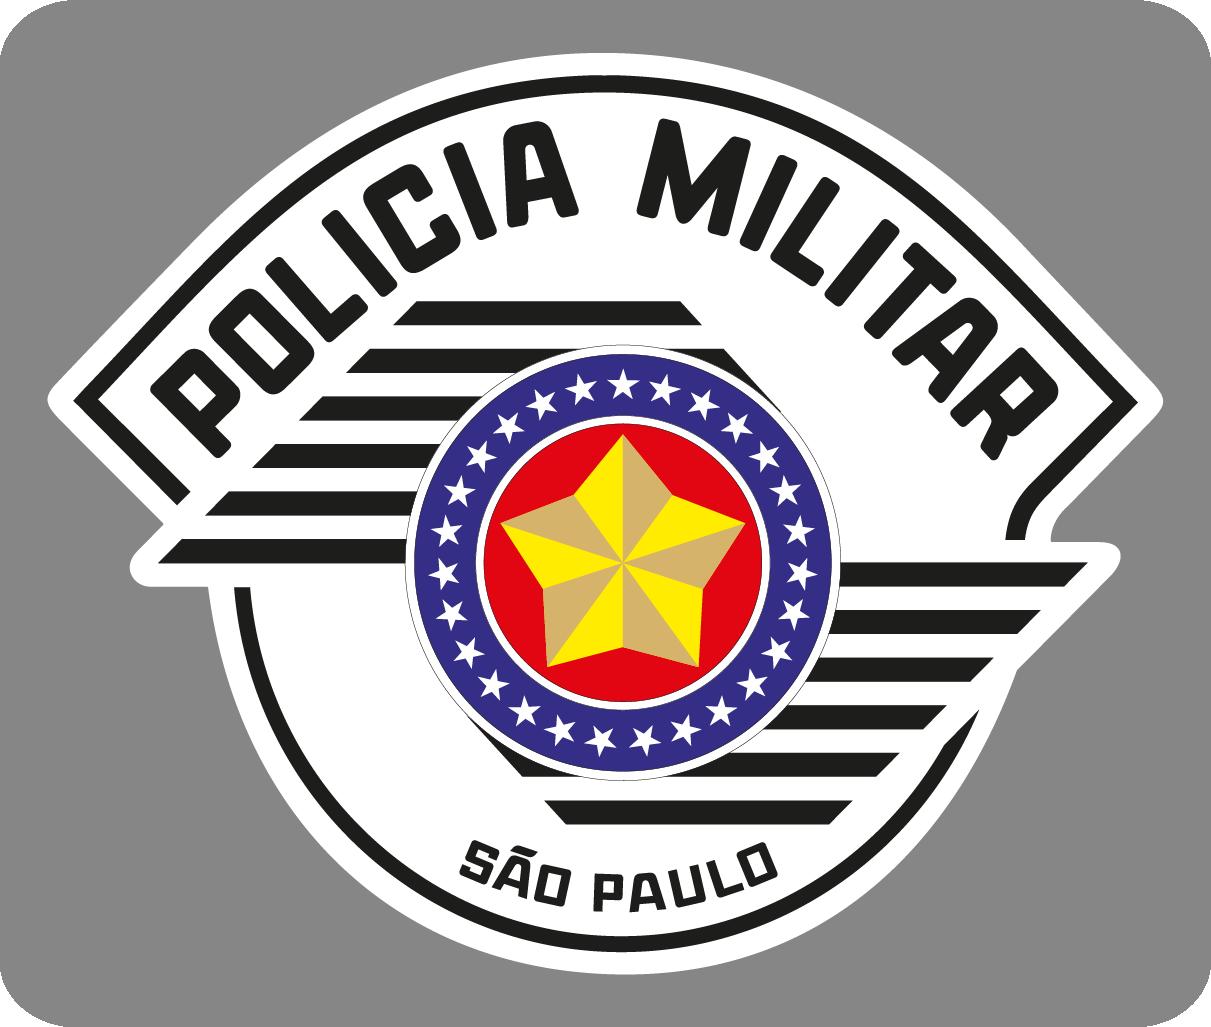 Policia Militar de São Paulo